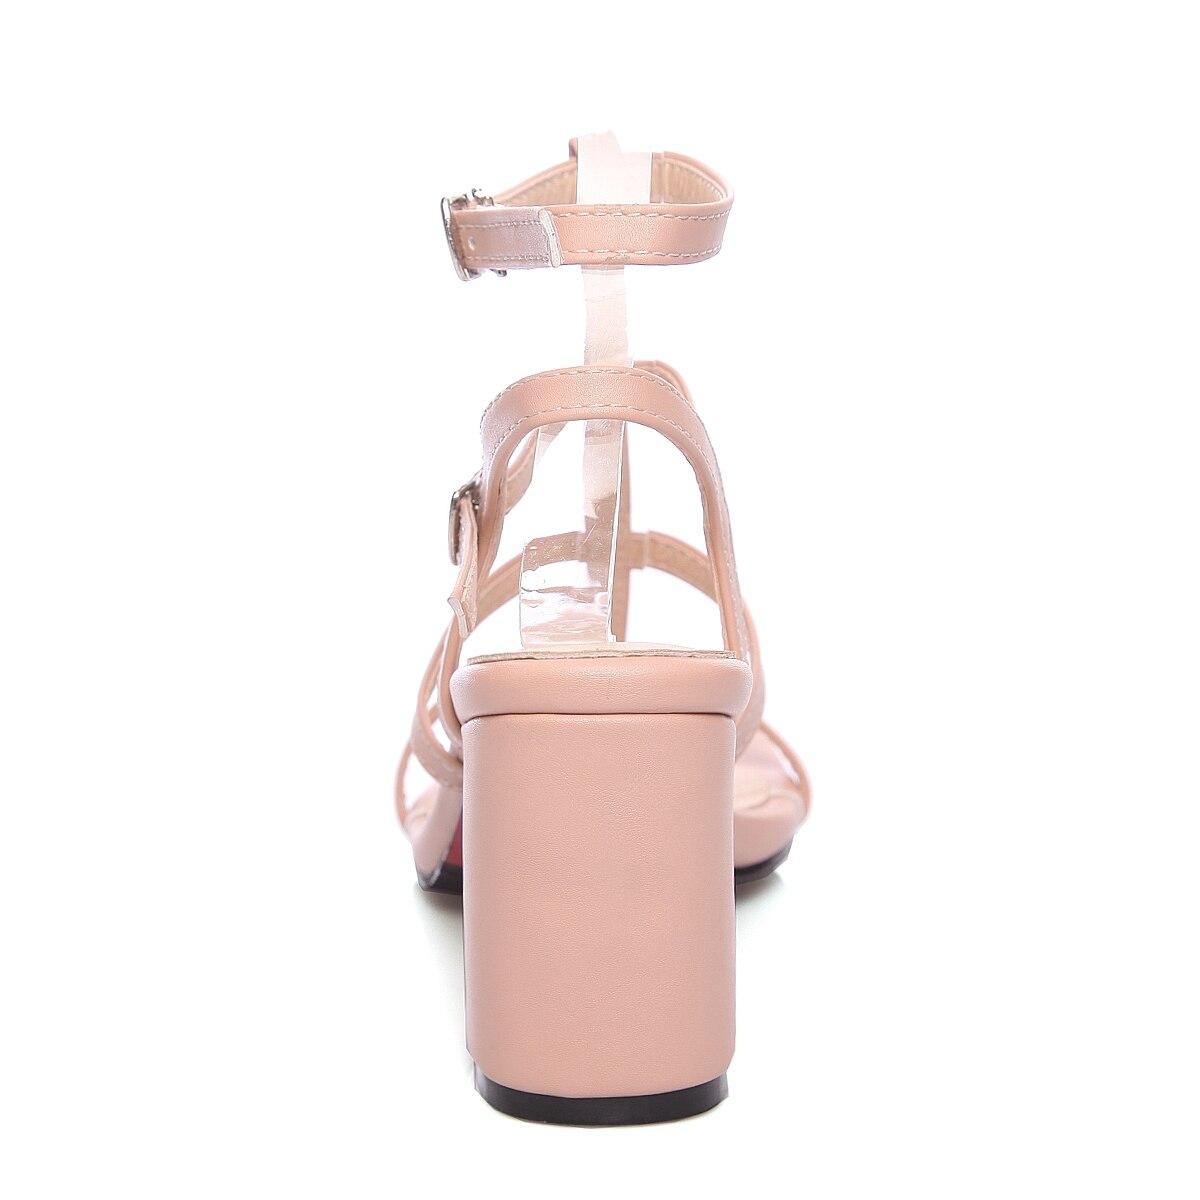 Femmes Chaussures Boucle Taille Sandales rose D'été Nemaone Grande Occasionnels Talons Femme Dames blanc Hauts Sexy 43 Bleu 34 Nouvelle bfy6g7